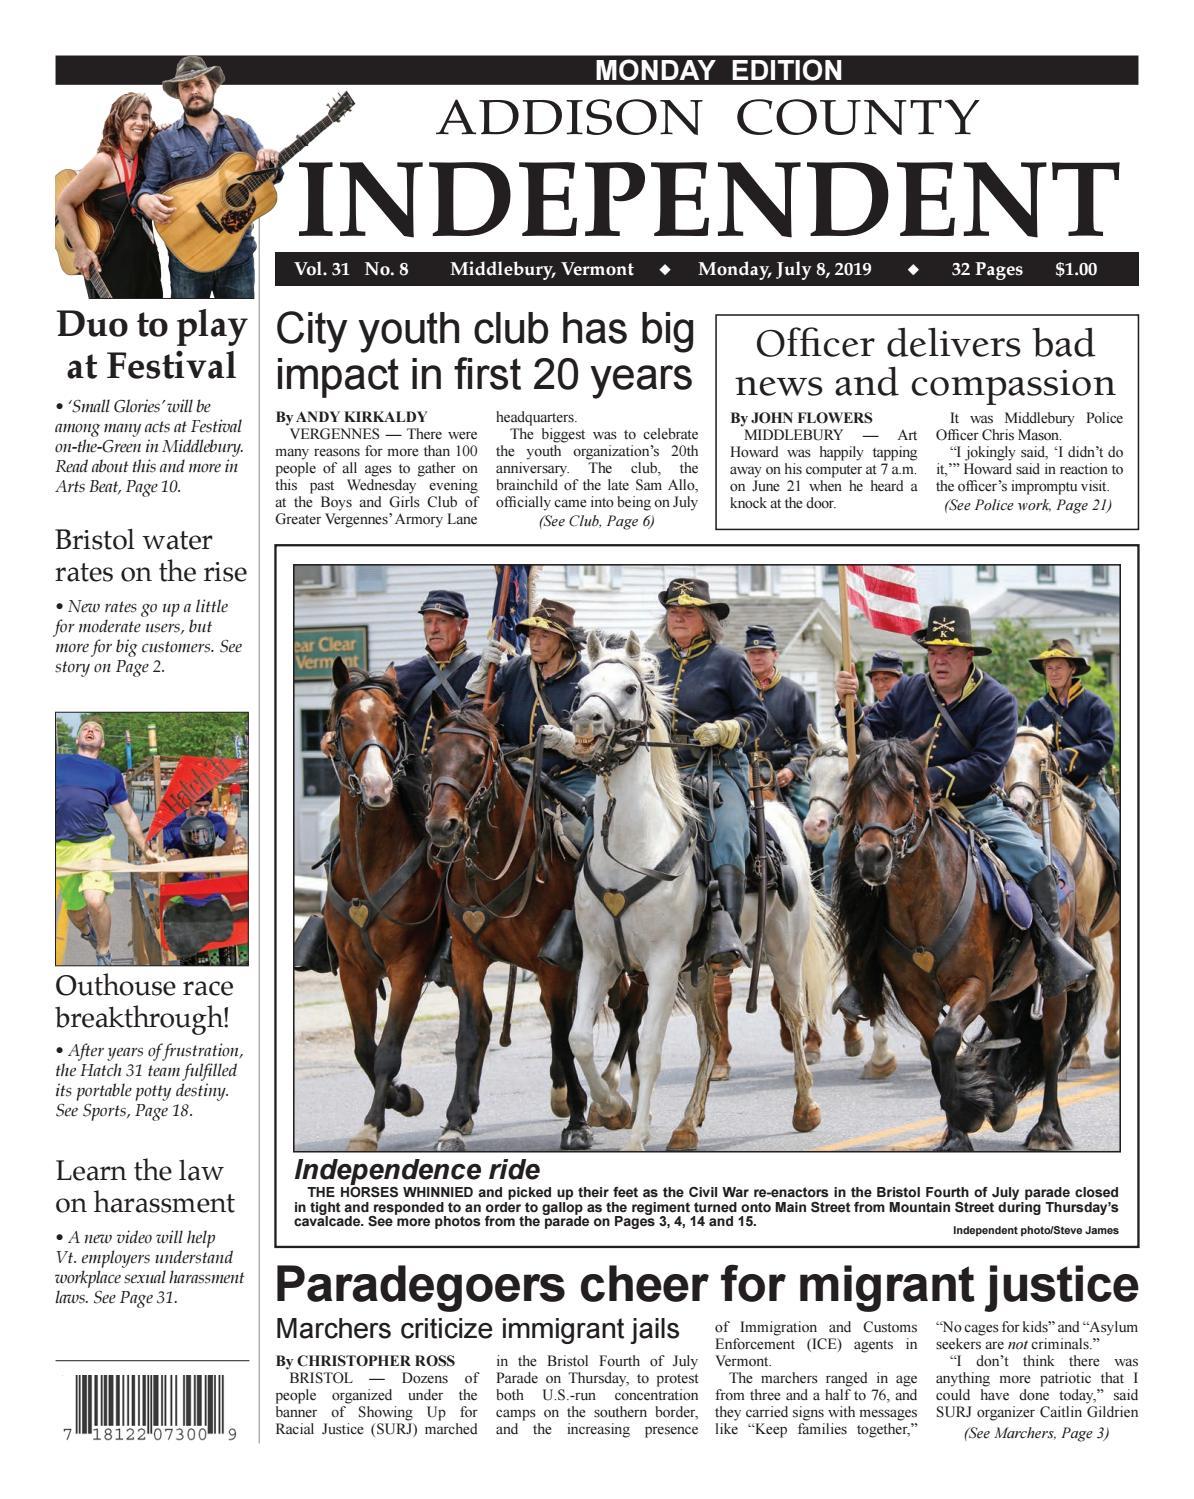 NEW YORK DOCKS HORSES BURLING SLIP TROPICAL FRUIT